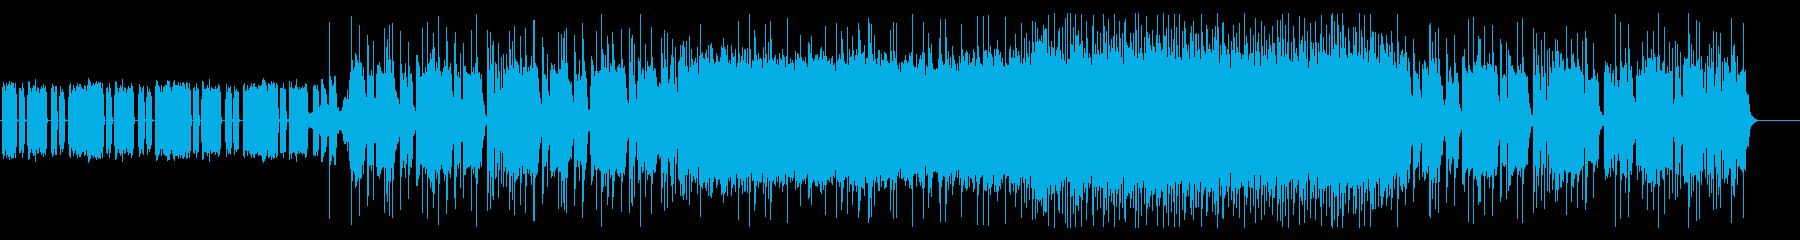 凶悪な重低音リフのメタル・コアの再生済みの波形